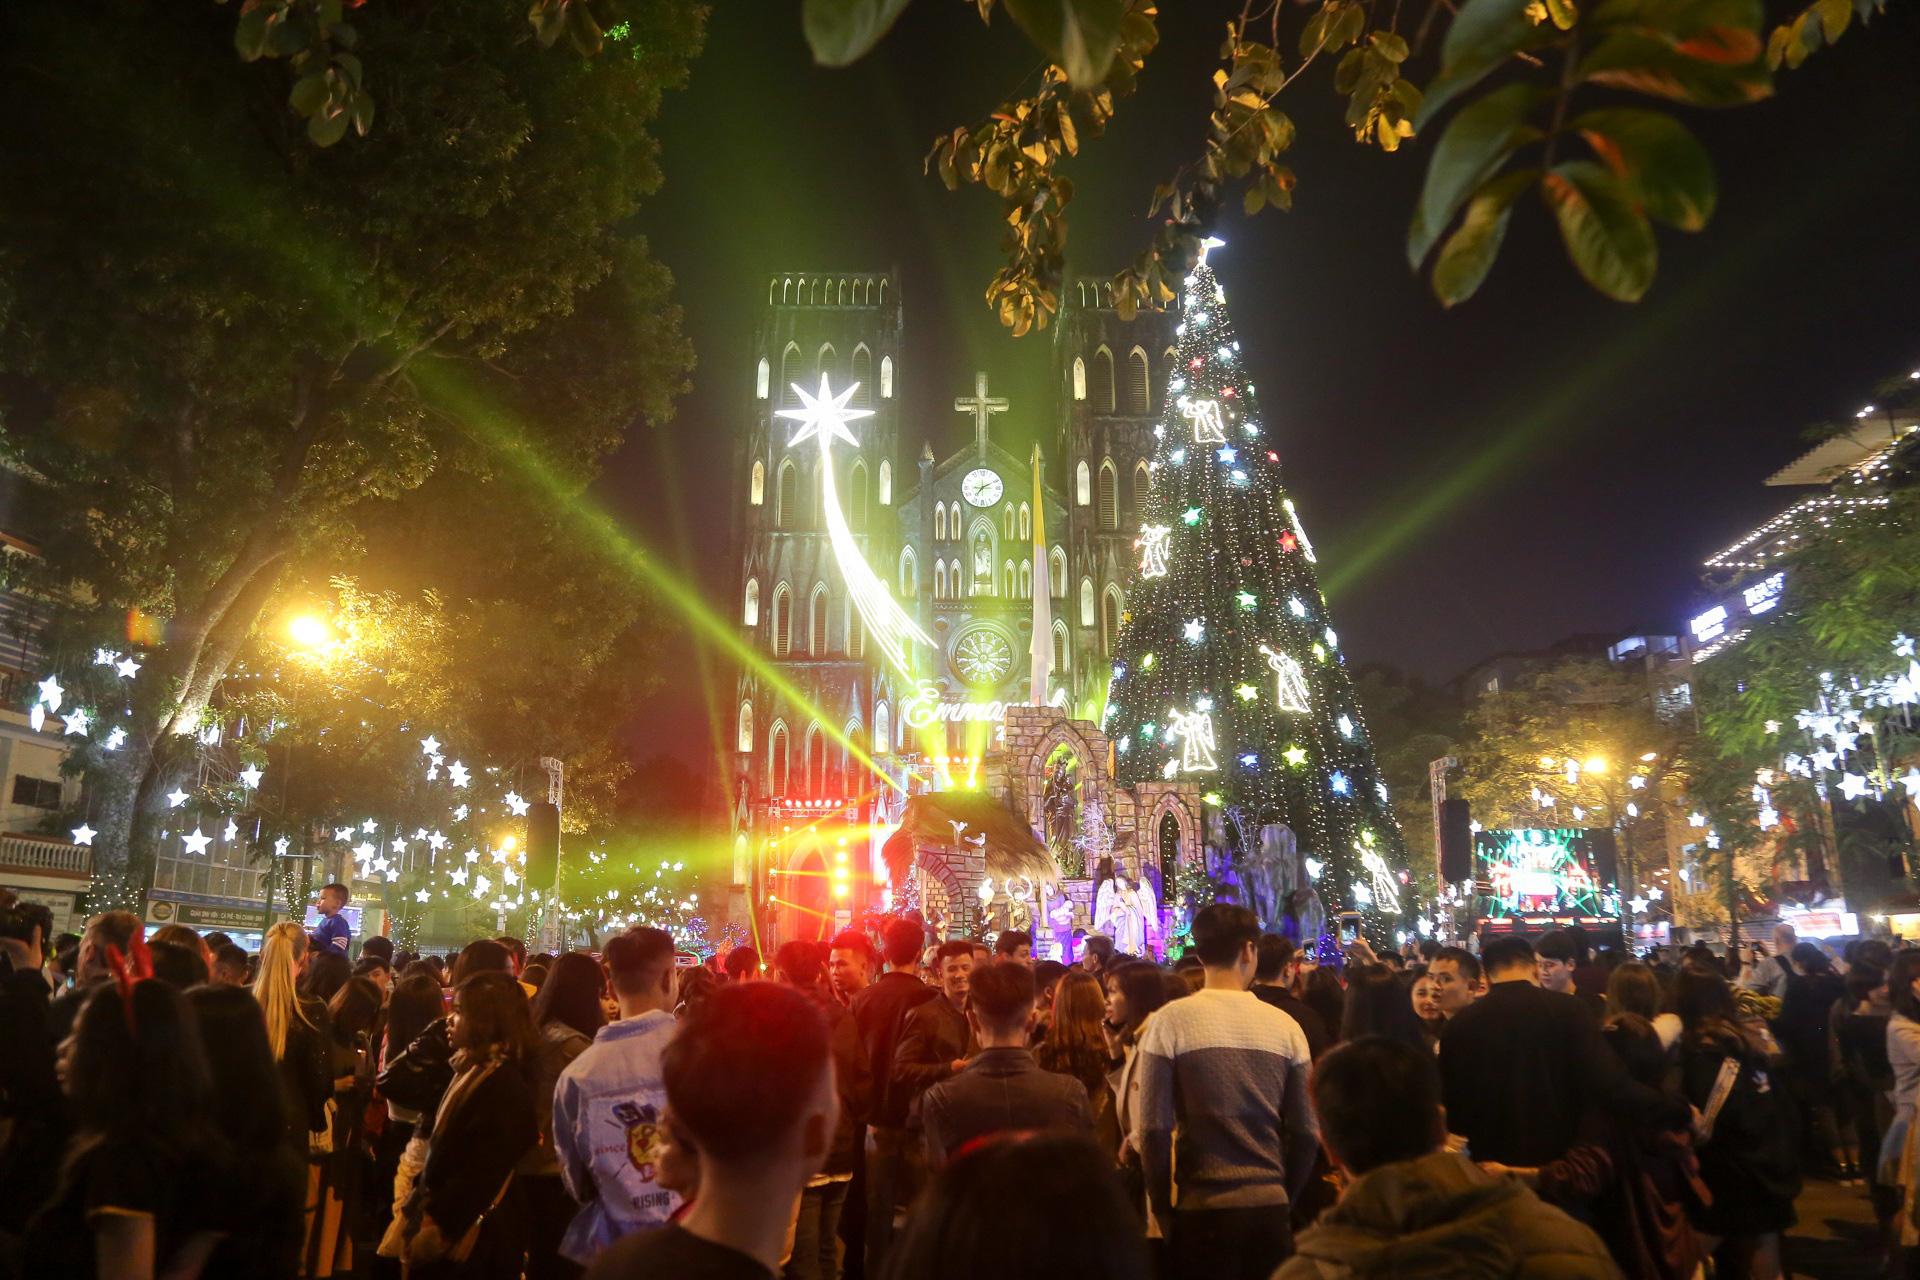 Hà Nội: Người dân đổ ra đường đón Giáng sinh, nhiều tuyến đường'tắc không lối thoát' - Ảnh 2.